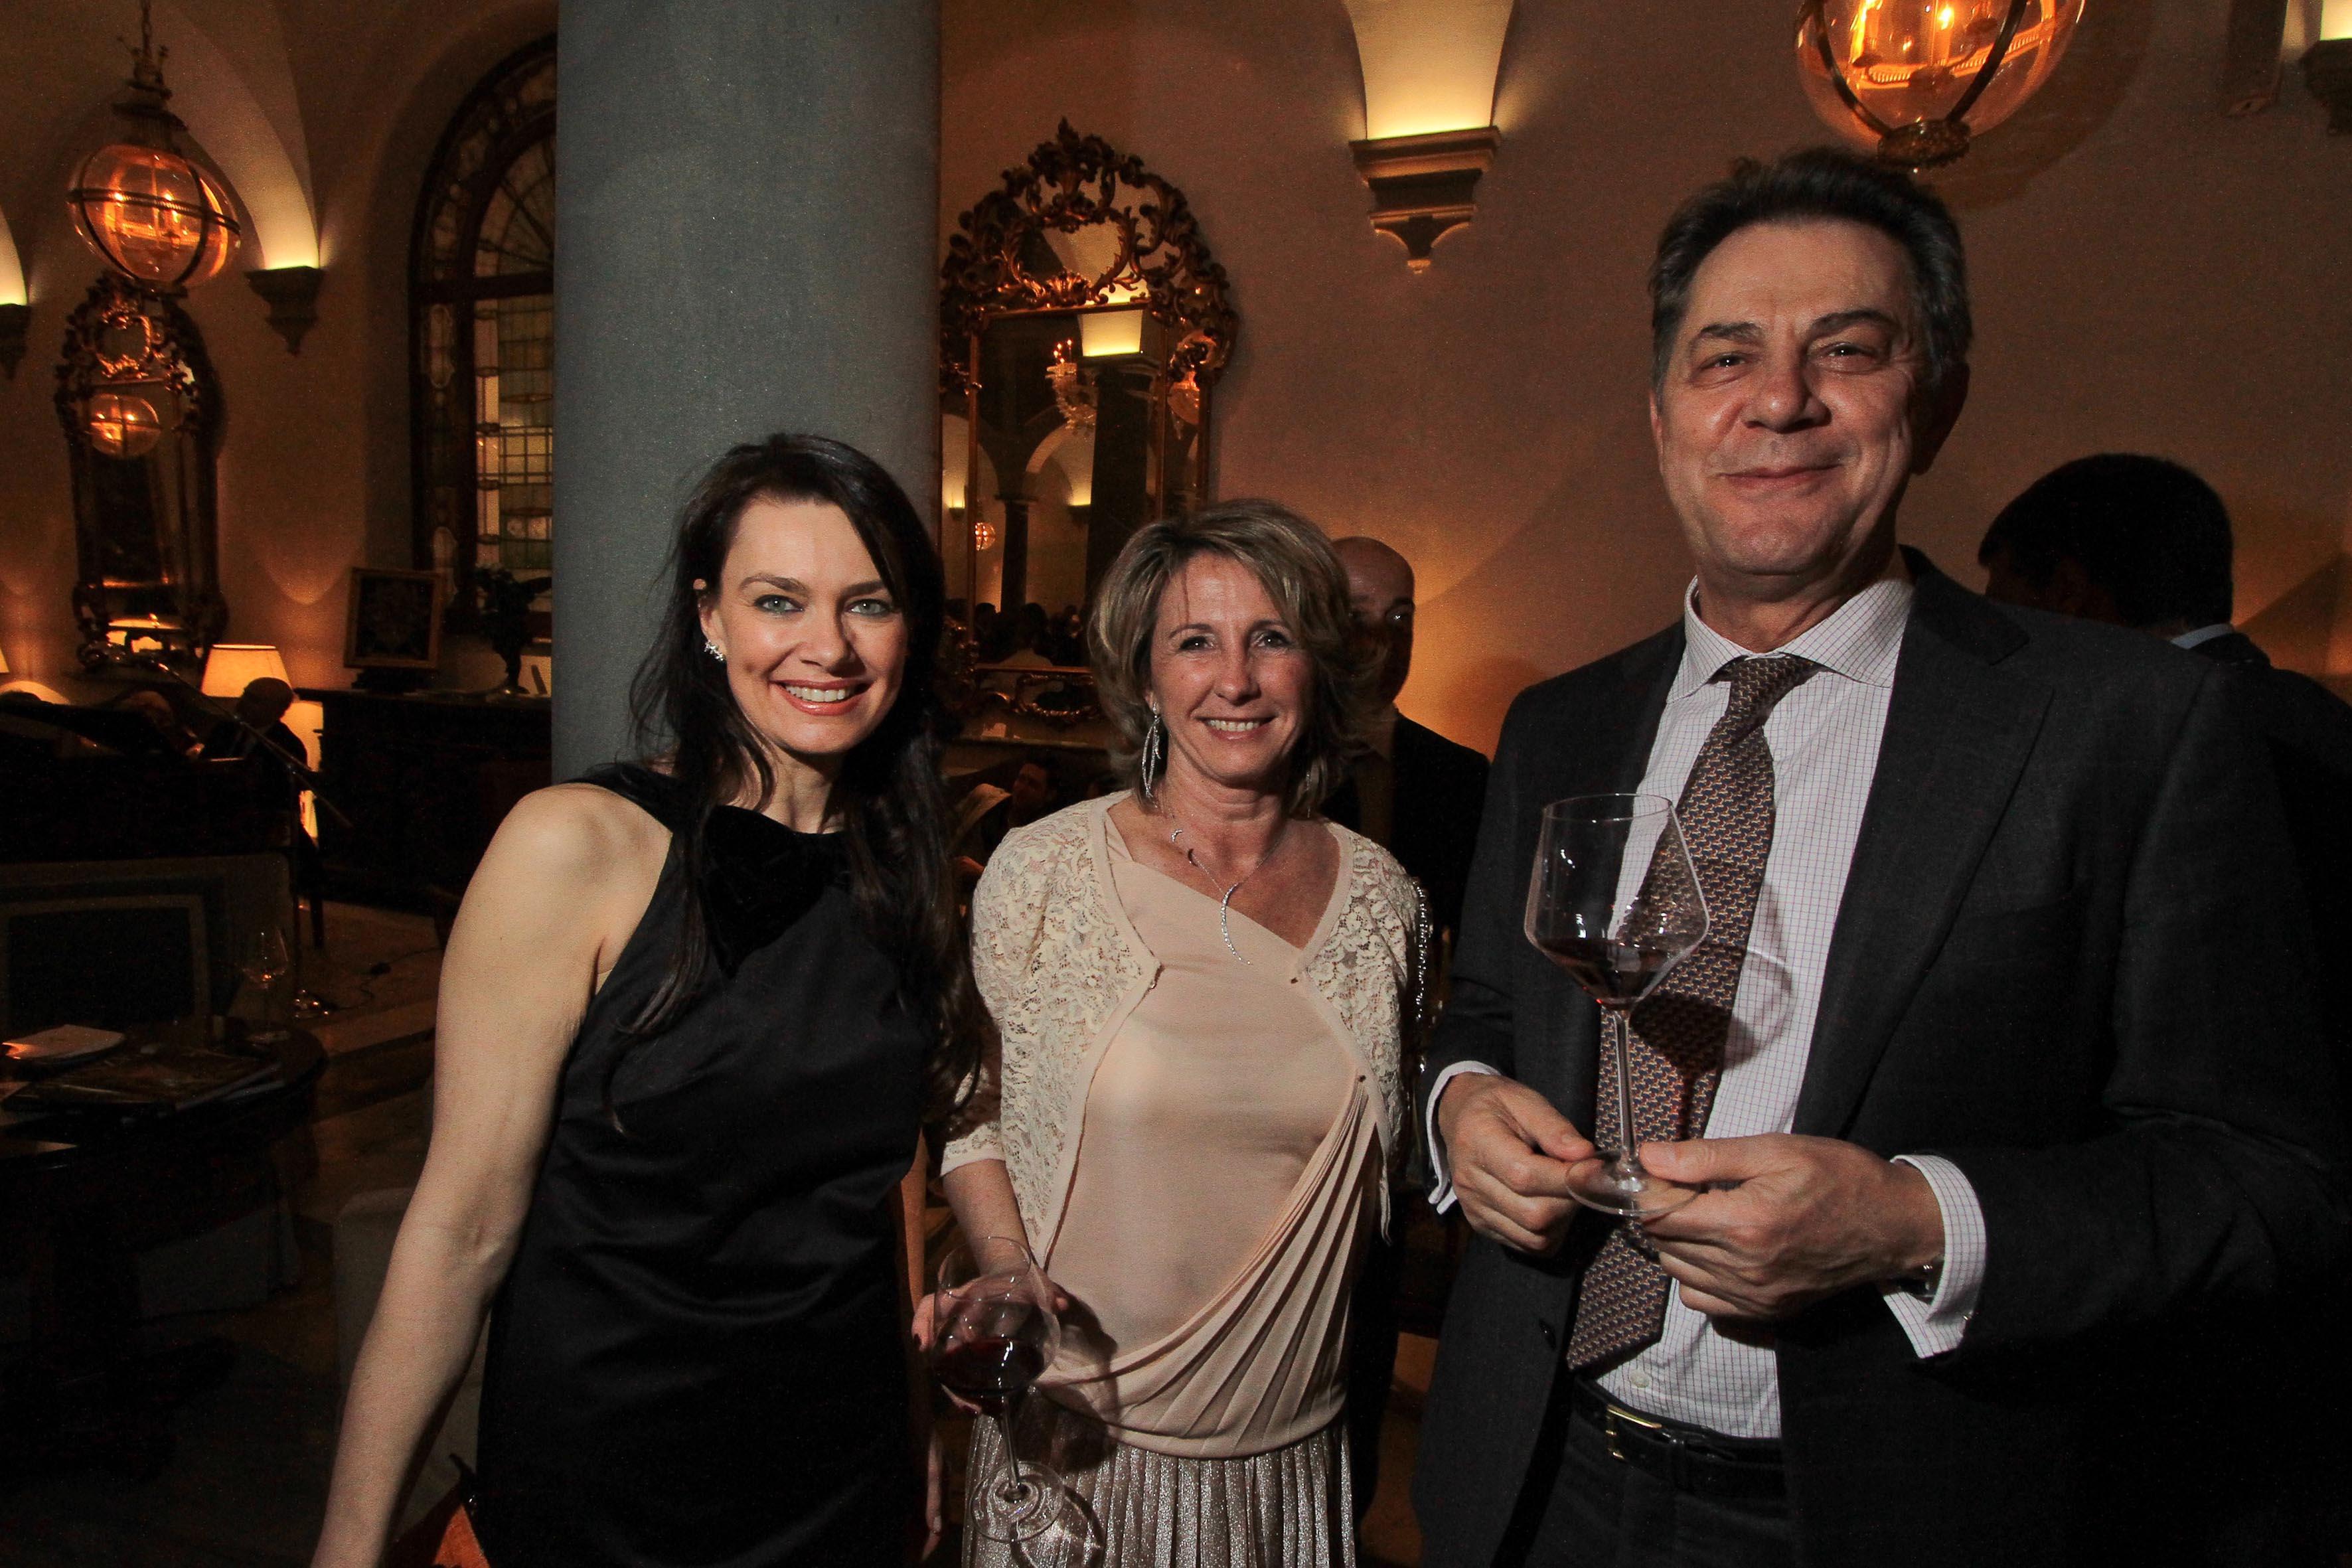 PRESSPHOTO Firenze, Hotel St Regis, serata Firenze Made in Tuscany. Nella foto Judith Otto, Marinella Fani e Valentino Bertolini Giuseppe Cabras/New Press Photo